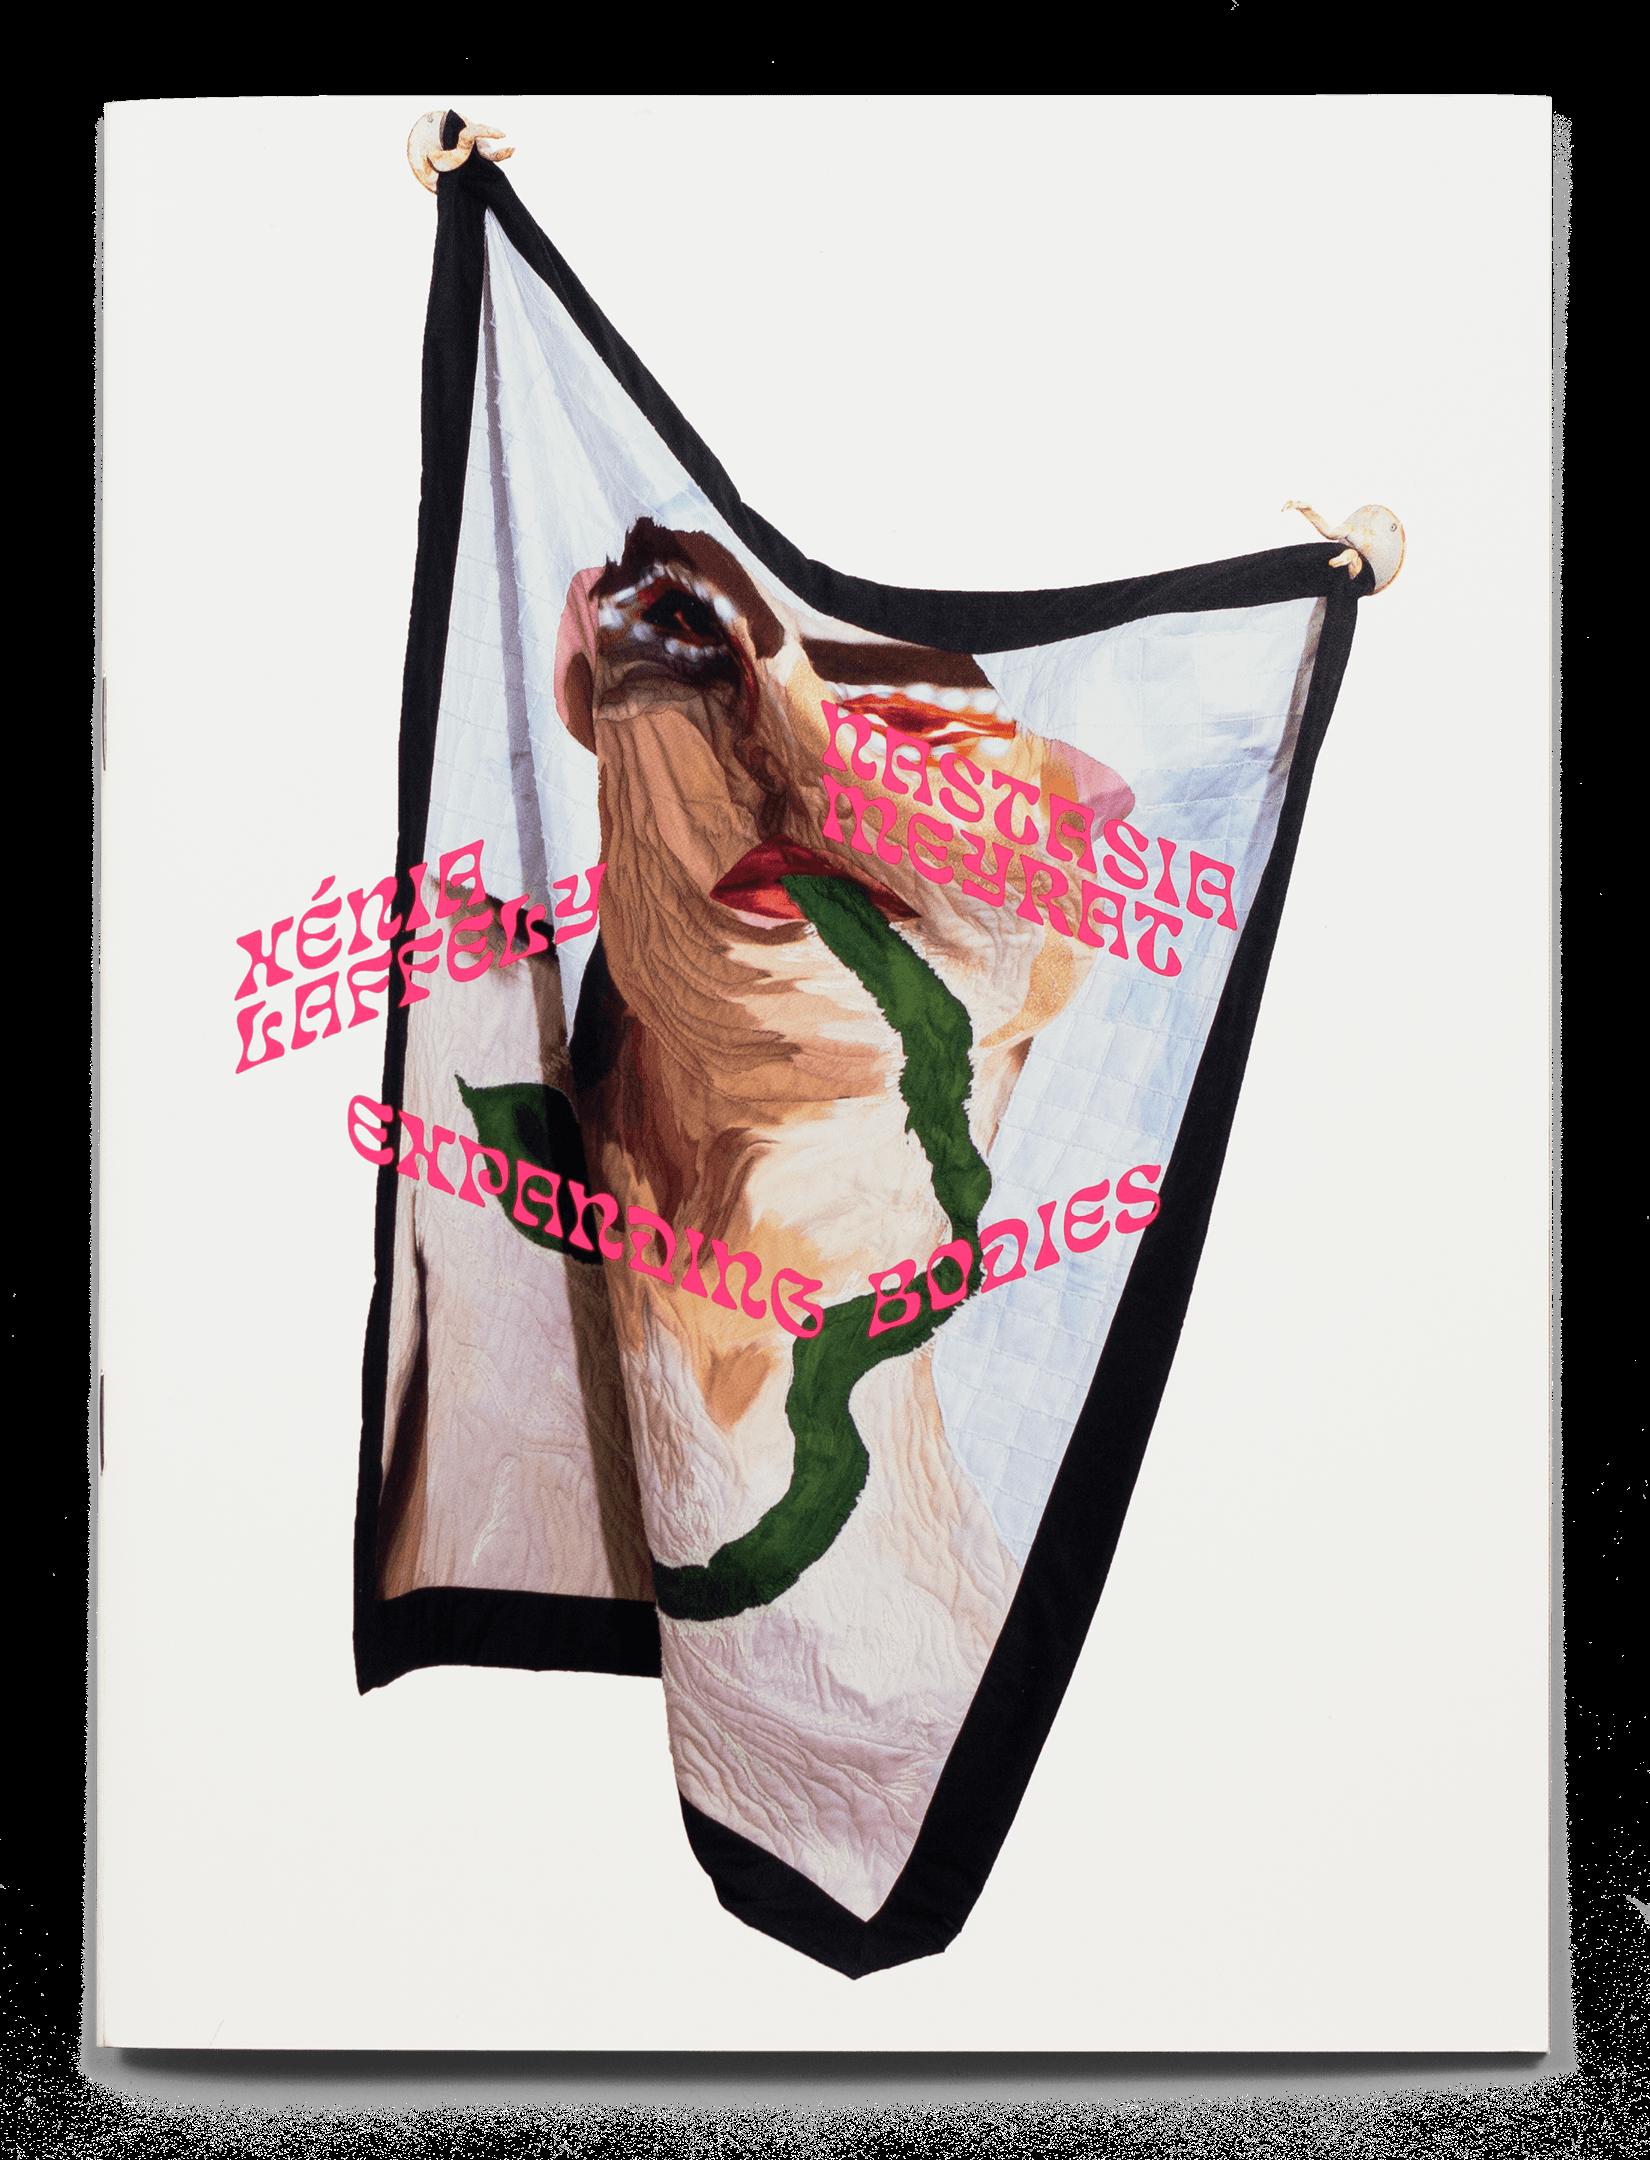 Couverture de la brochure de l'exposition Expanding Bodies avec une œuvre de Xénia Laffely